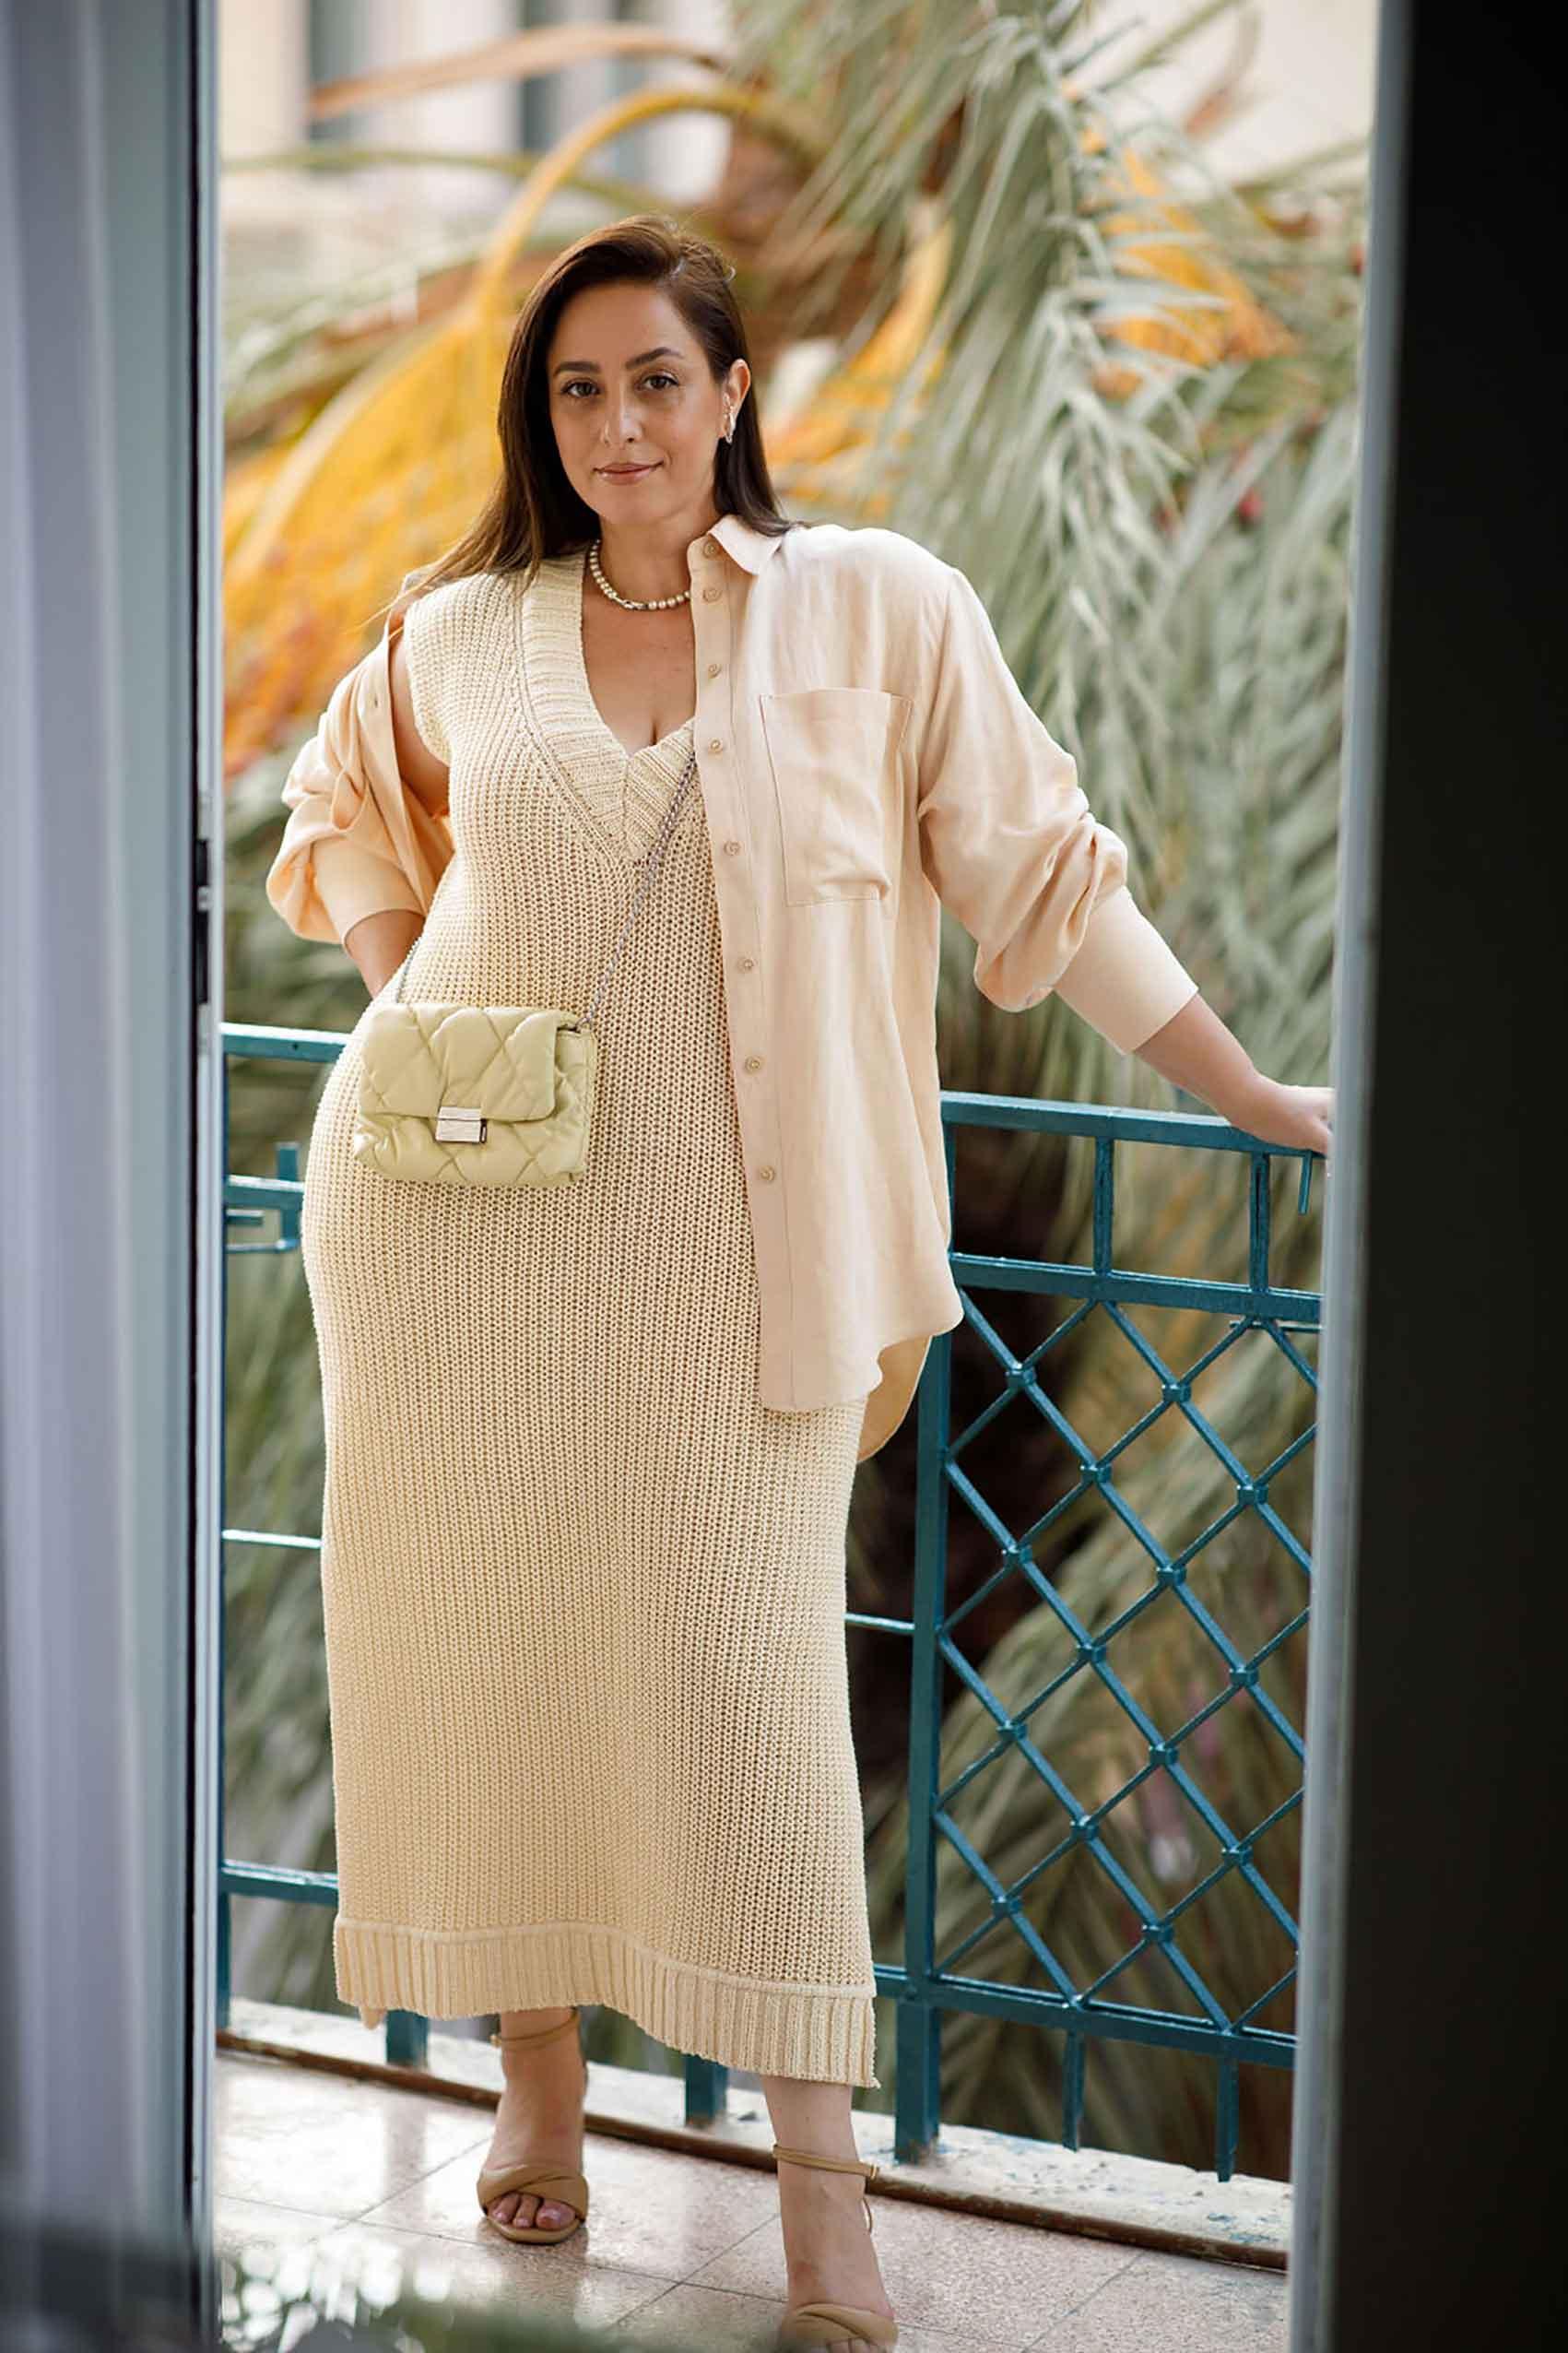 היום השלישי. טלי ארבל ל H&M ישראל, צילום: לילך זמיר טונים של ניוד על גווניו ושילוב מרקמים (עם שמלה מטריפה עשויה 91% כותנה אורגנית) למראה נשי ורך. סריג & פנינים אגב הם זיווג משמיים.- 1